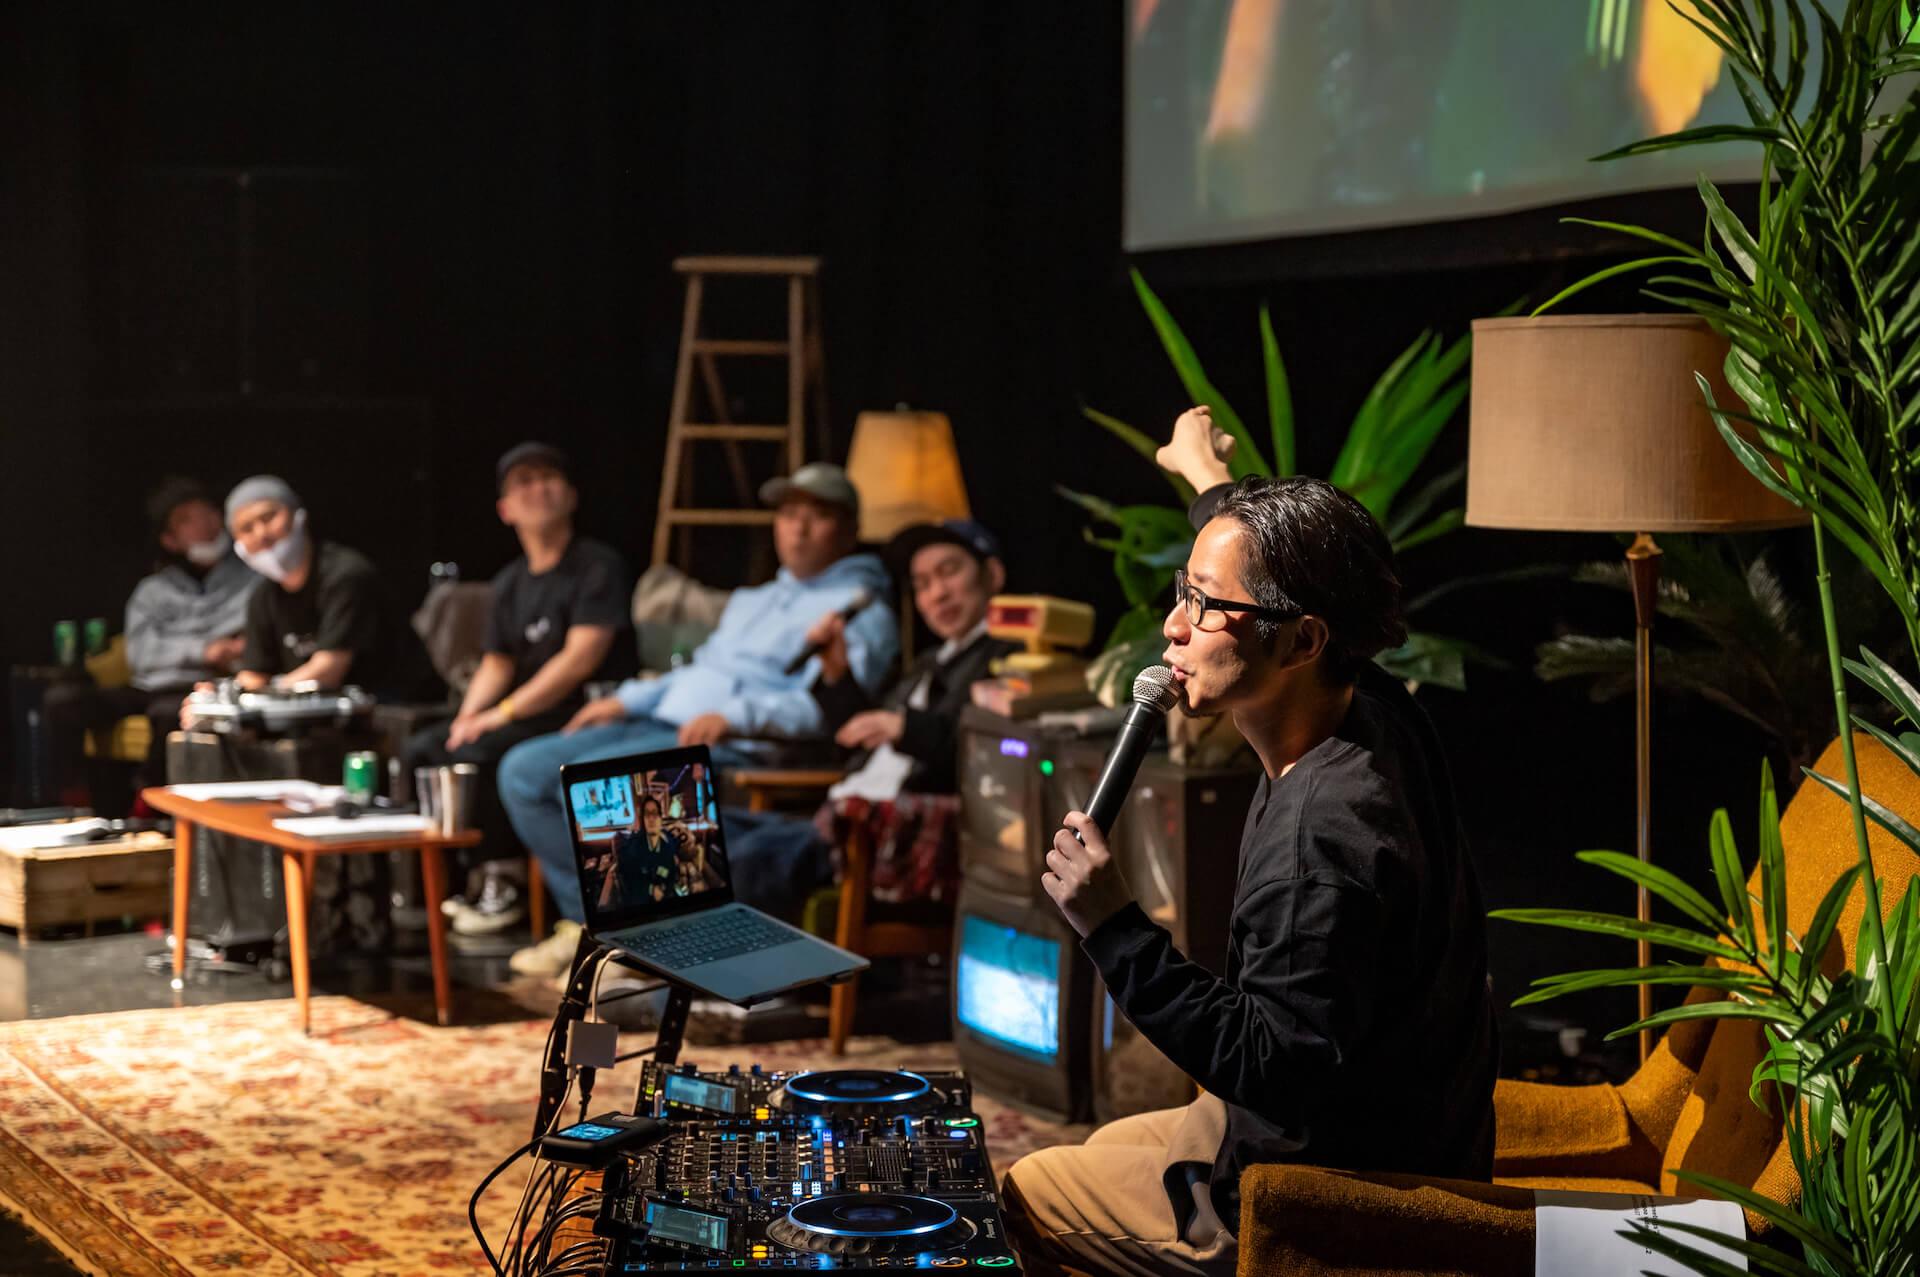 エグいネタバレは「エモい!」じゃすまされない、えもいわれぬ体験|PUNPEEが再定義したトークイベントの価値 music210709_punpee-tongpoo-03